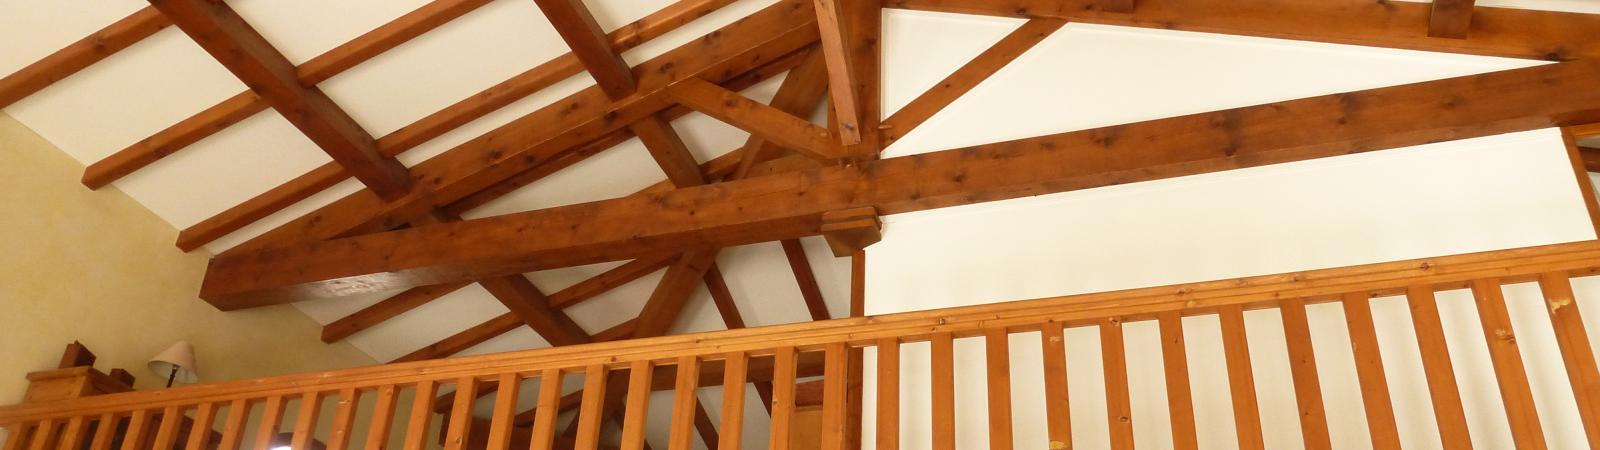 Fabrication de mezzanine en bois